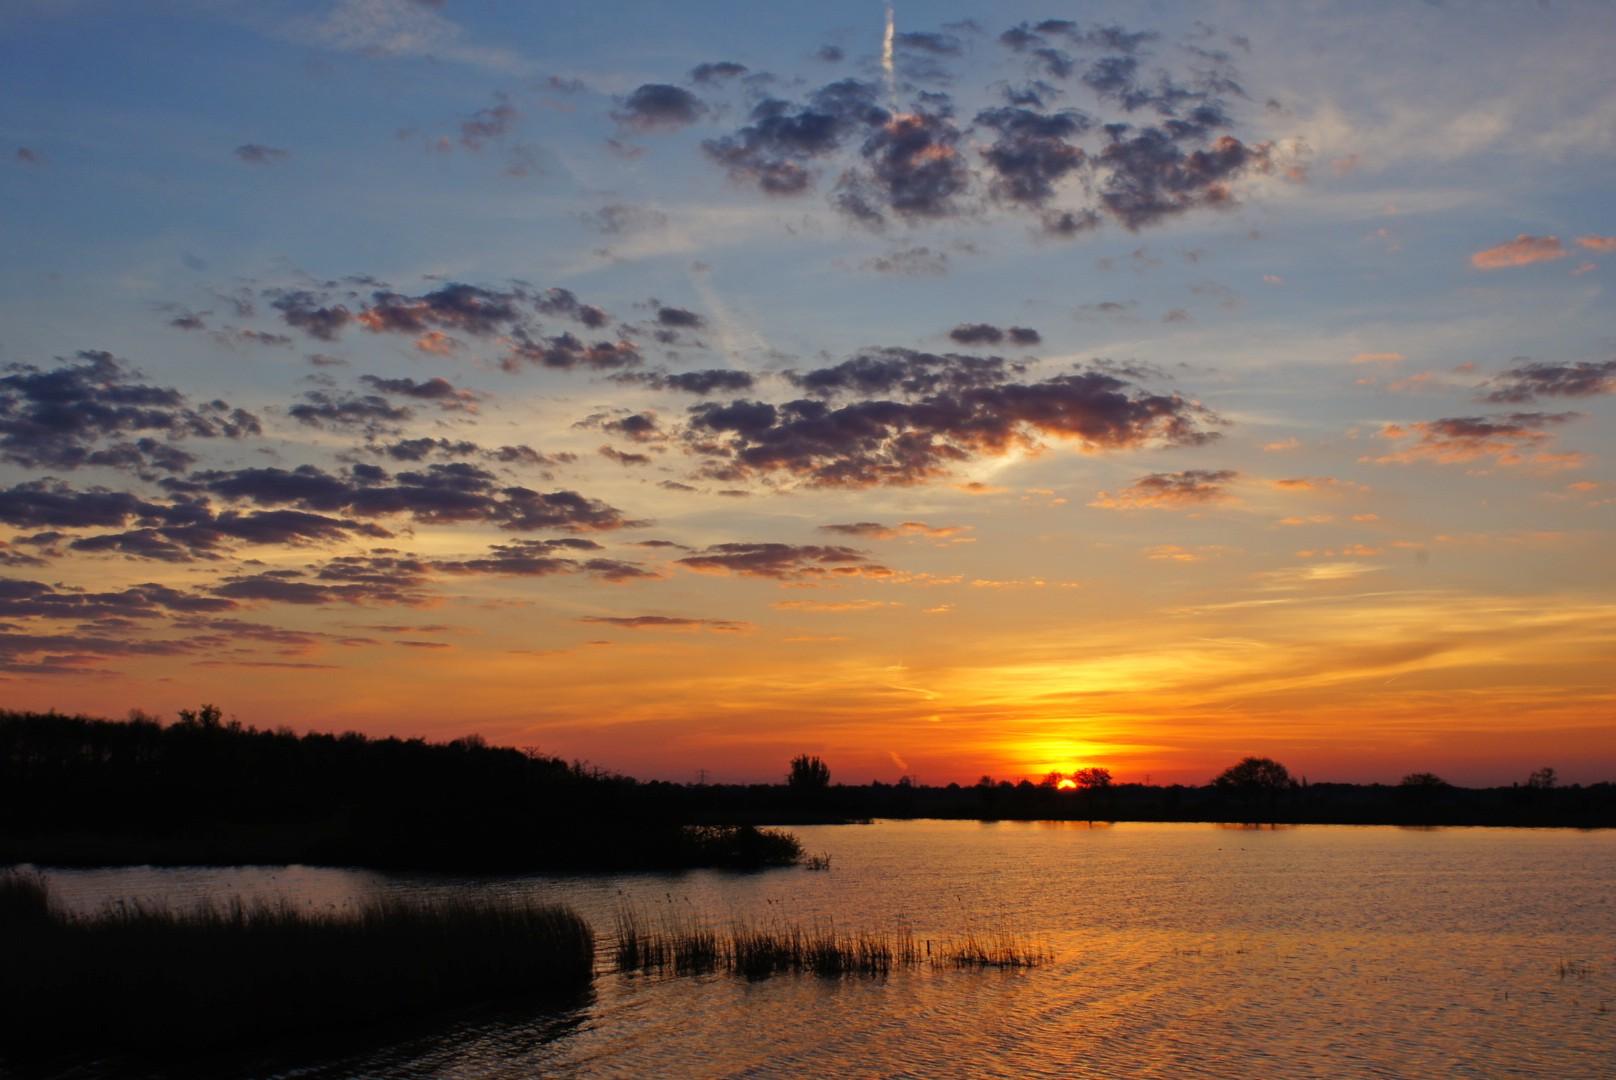 zon opkomst burgumermeer 2.